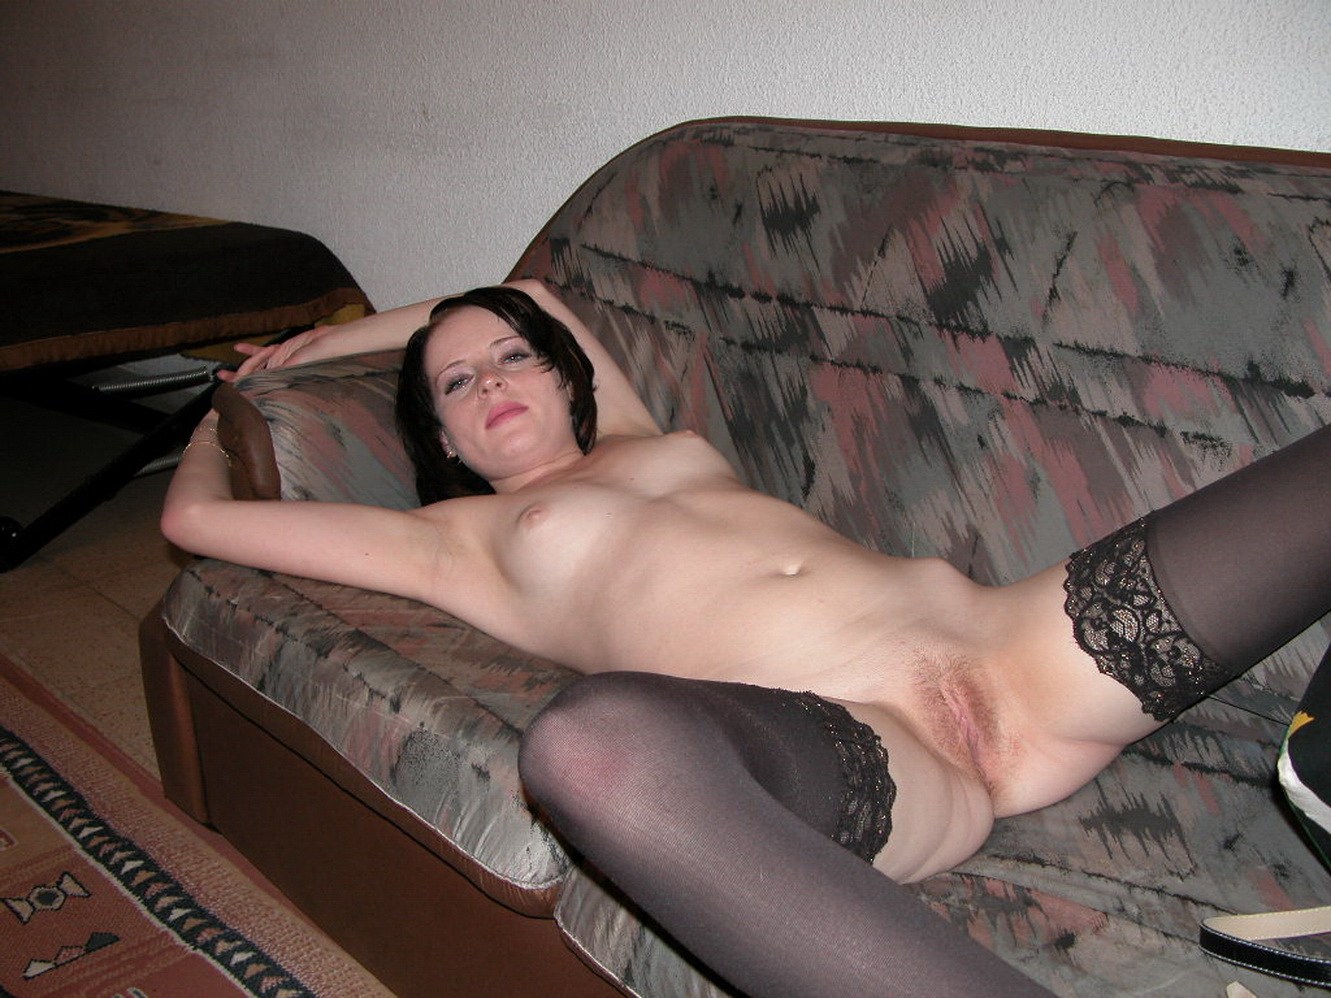 воскресення Дочка трахнула спящего отца порно Вам посетить сайт, огромным